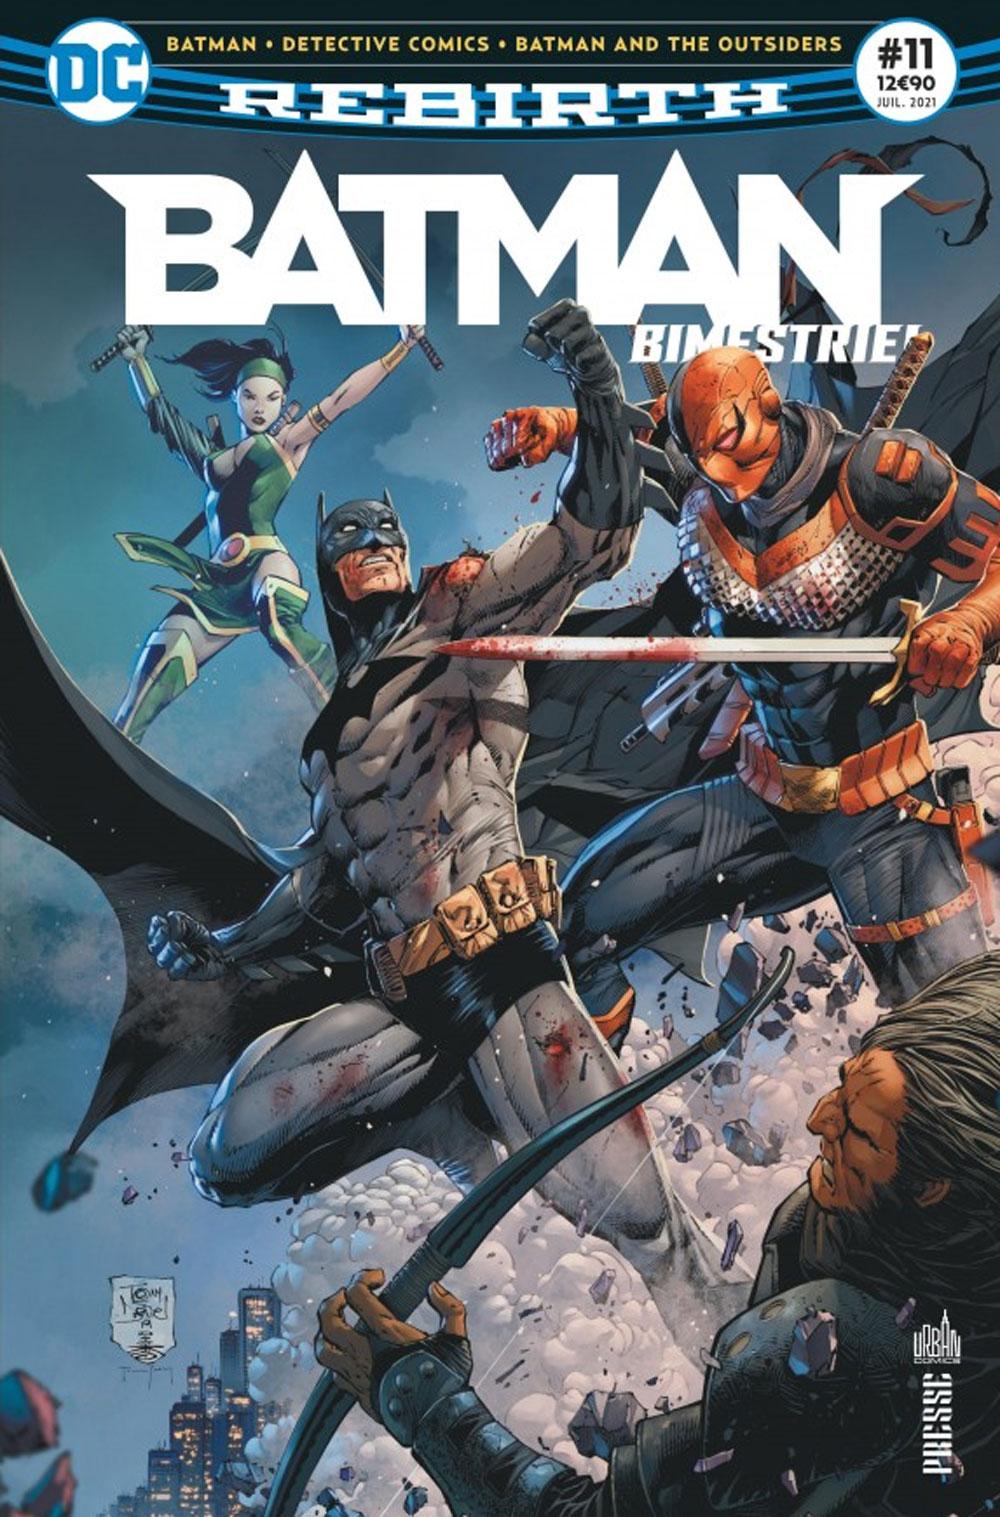 Batman bimestriel 11 - Batman bimestriel 11